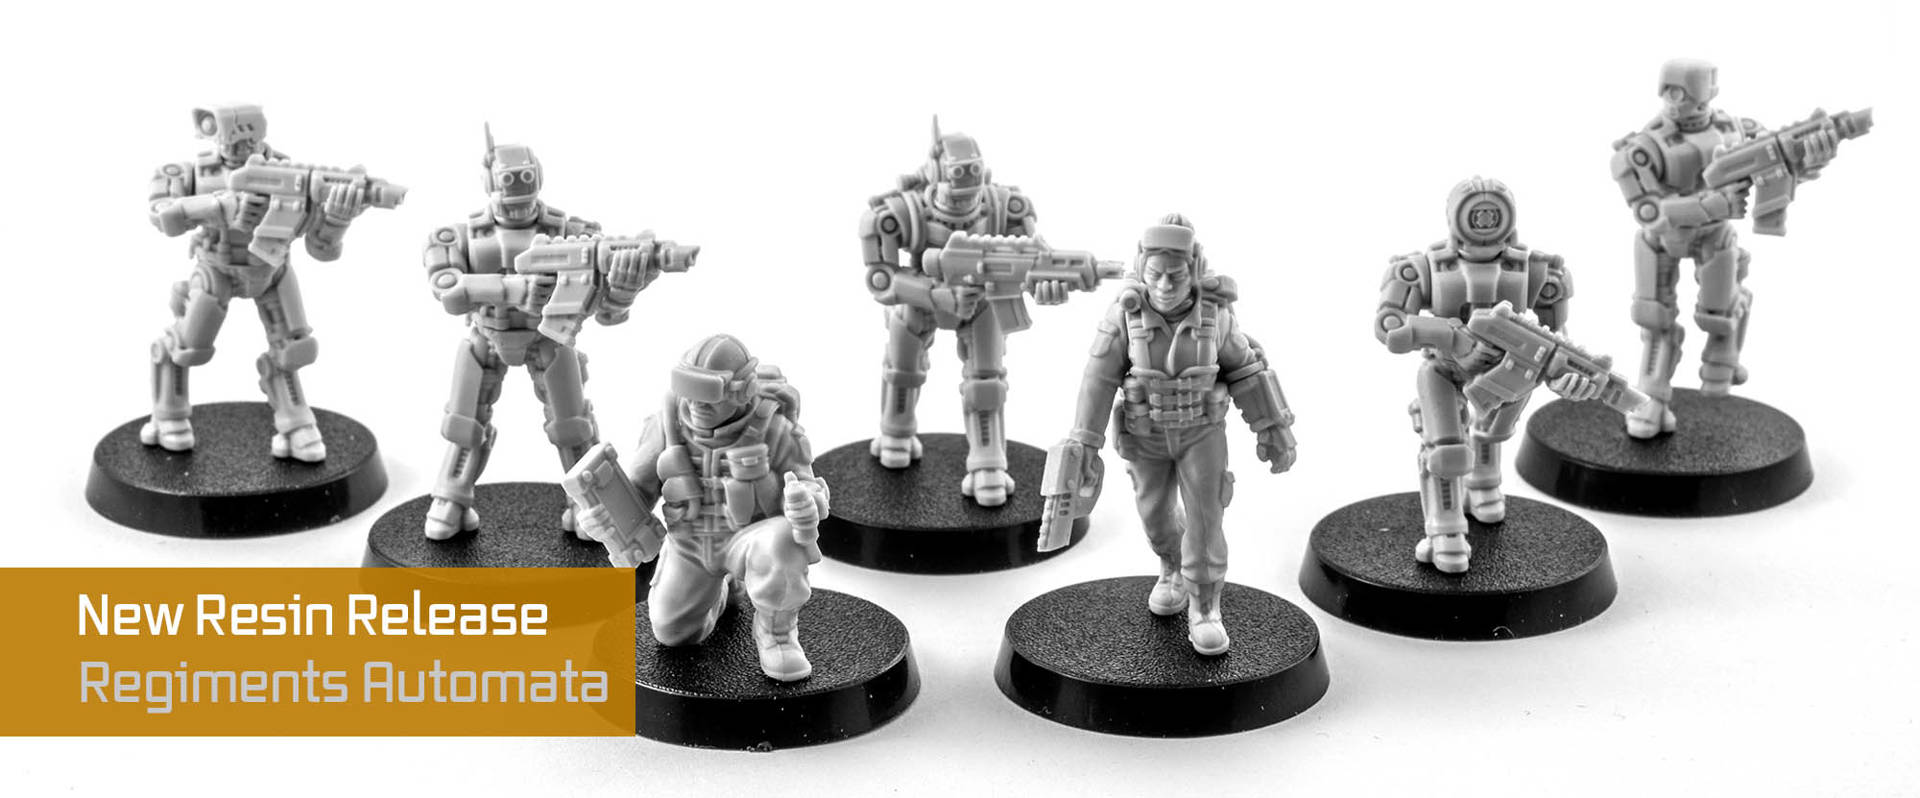 Regiments Automata Robot Wargaming Miniatures